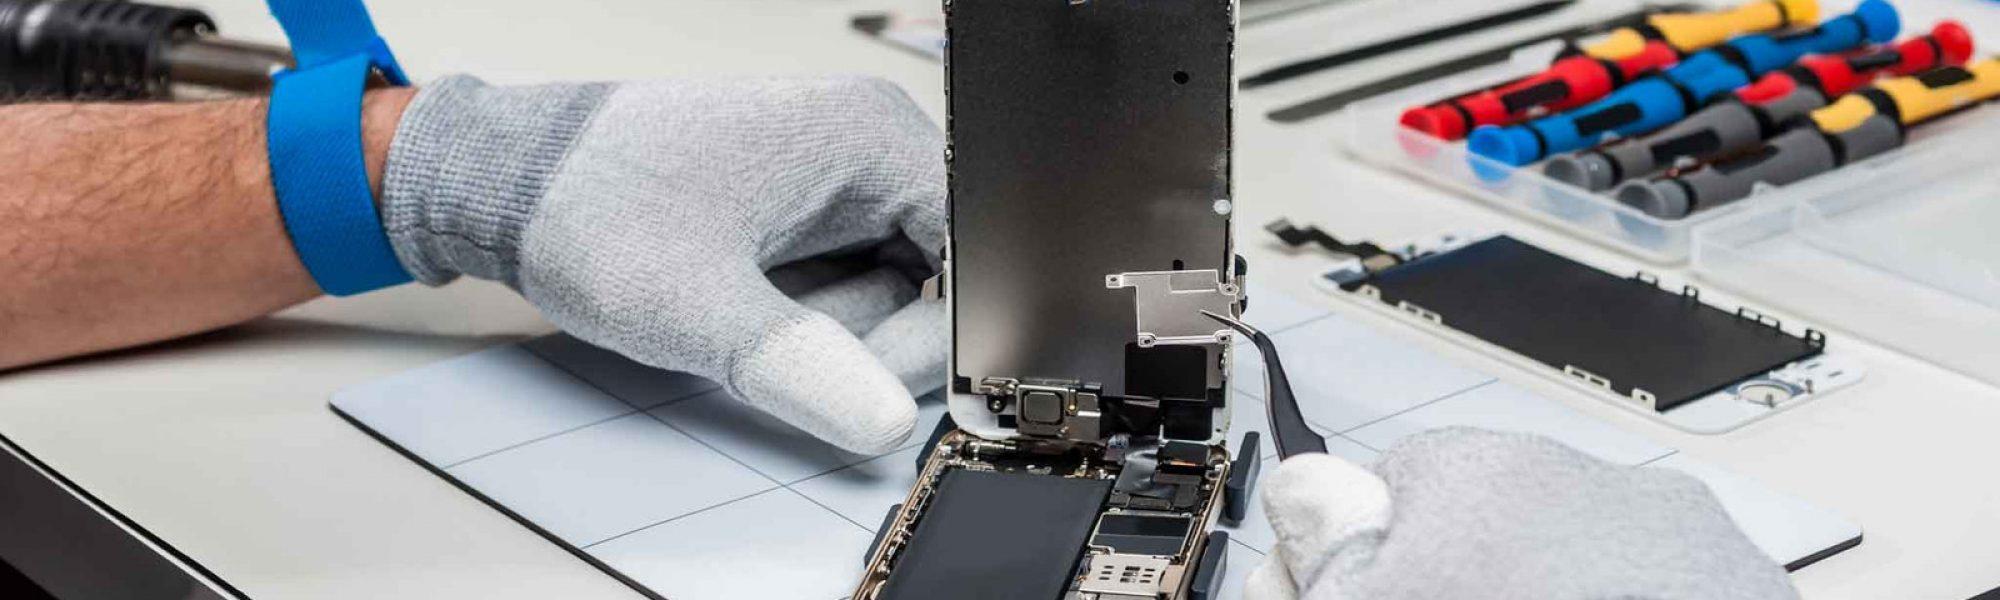 Serviço de Manutenção em Tablets e Celulares